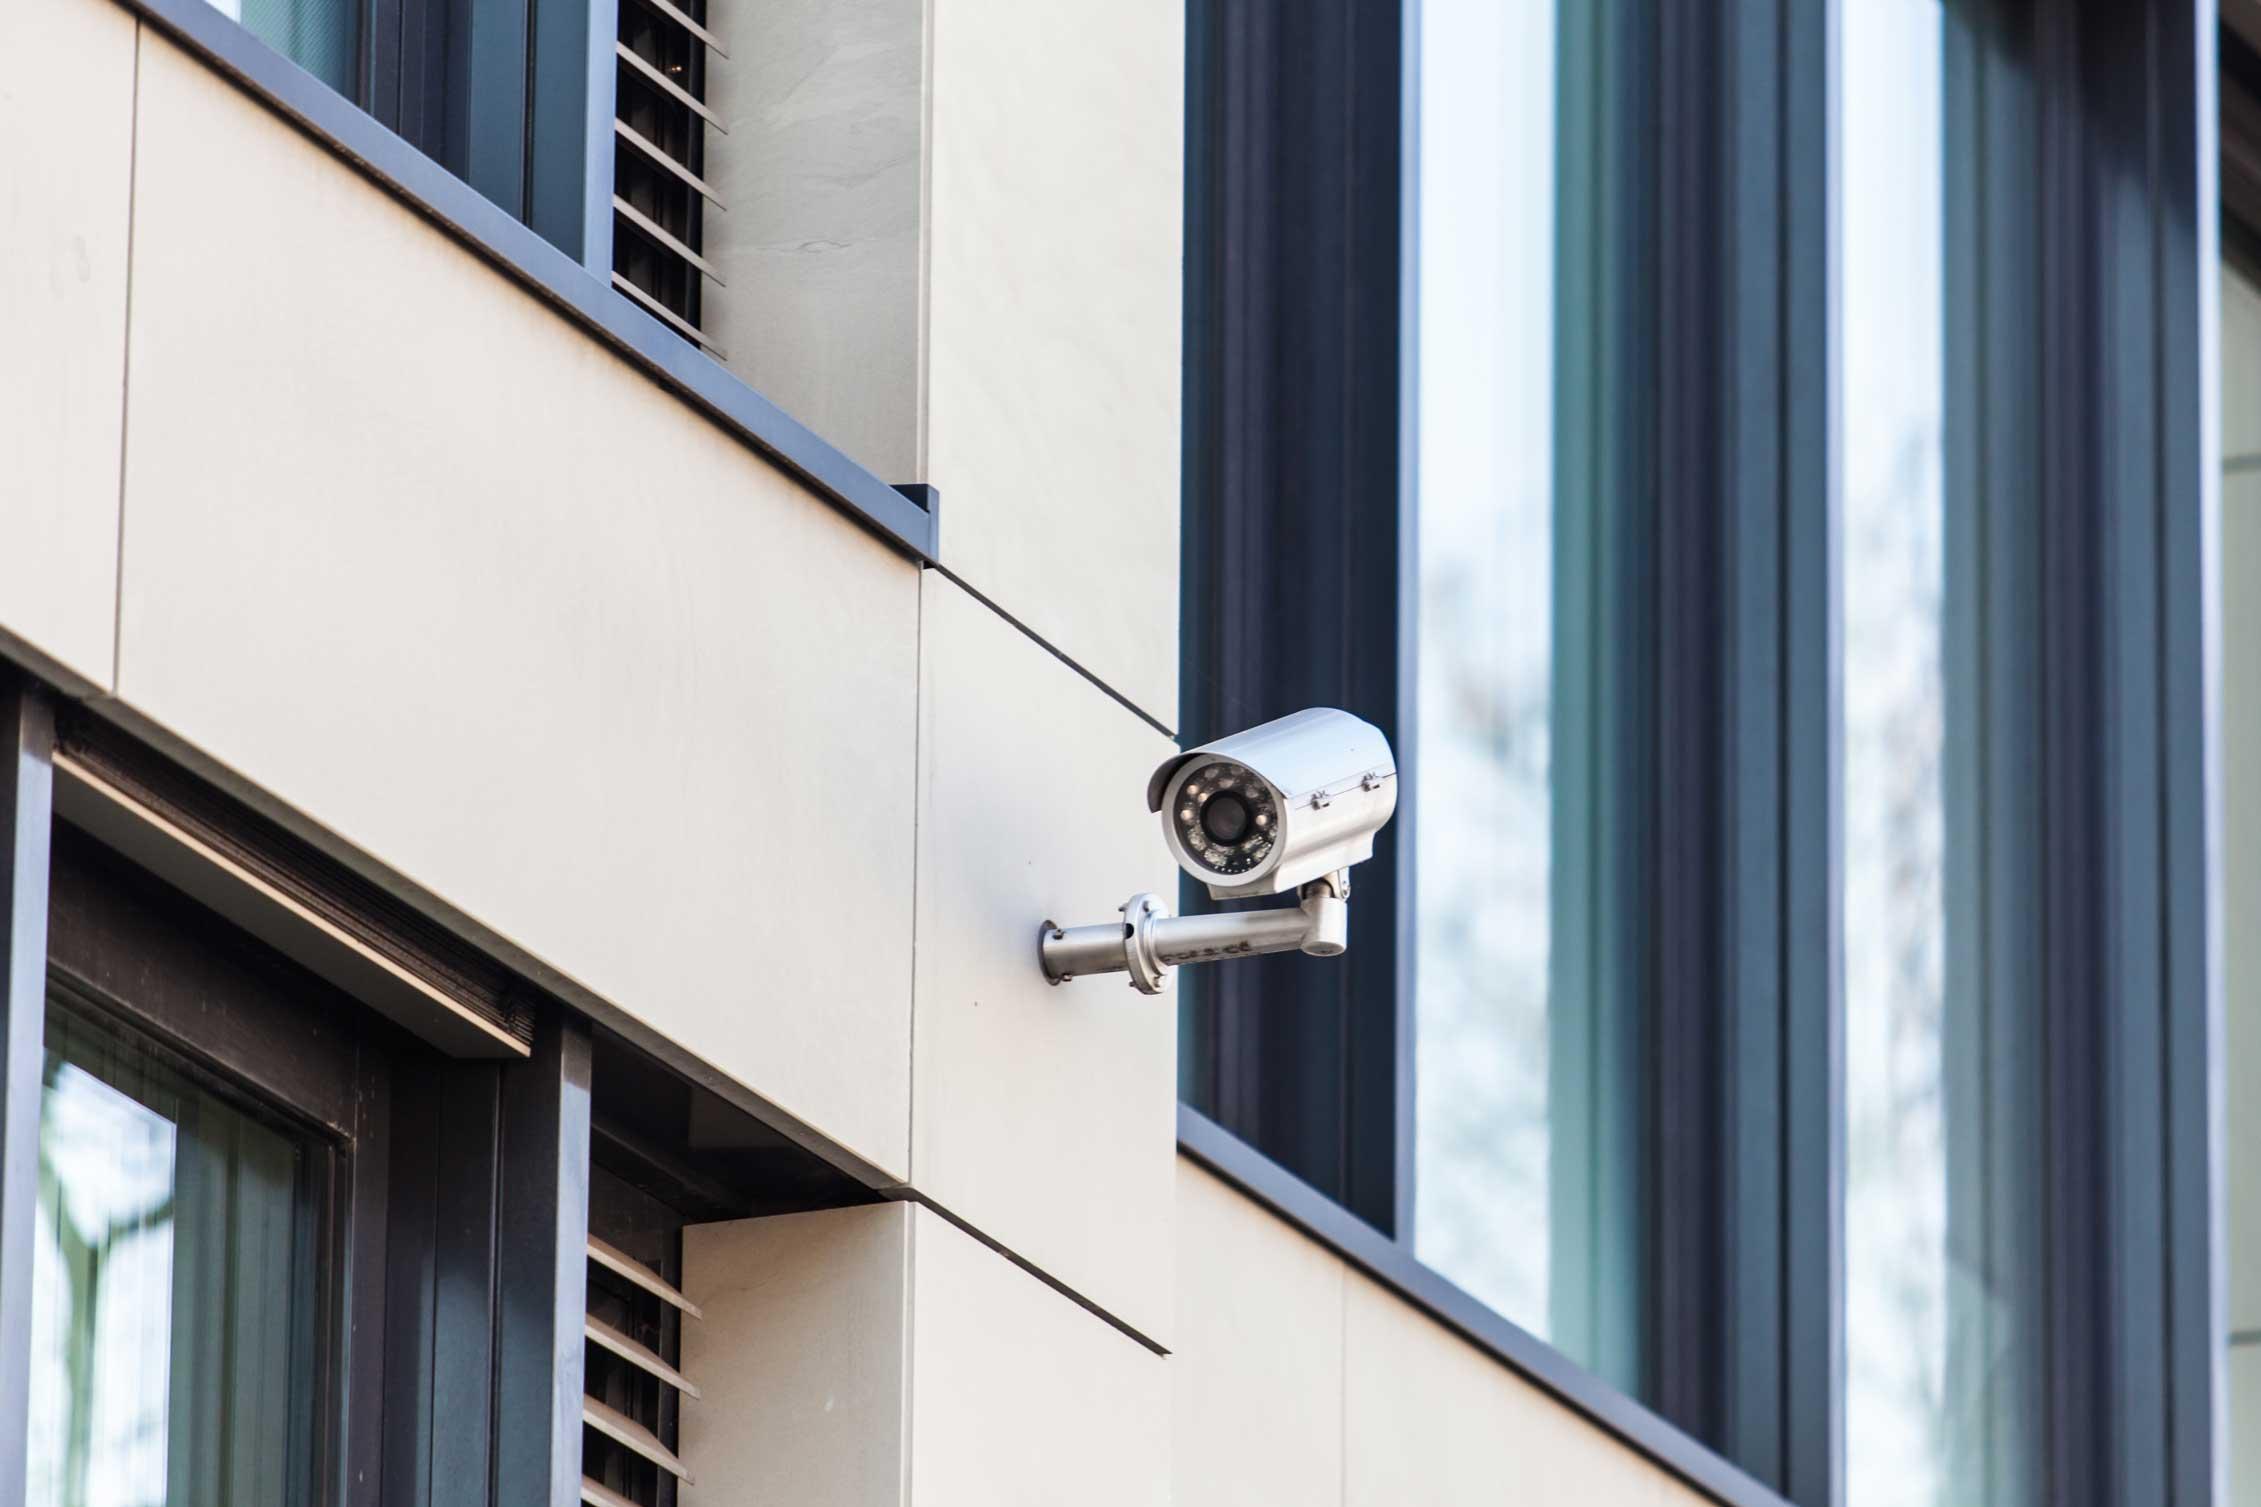 business-cctv-camera-system-installations